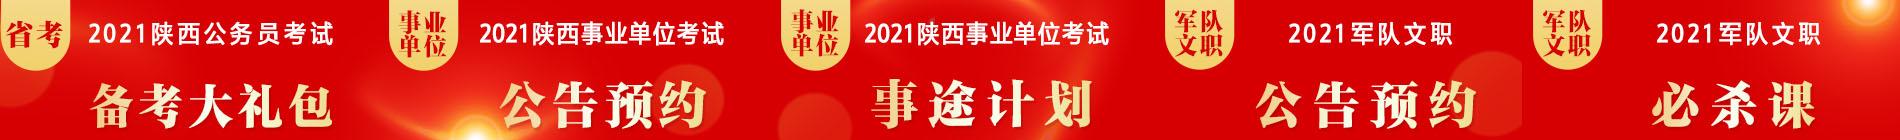 2021陜西省考